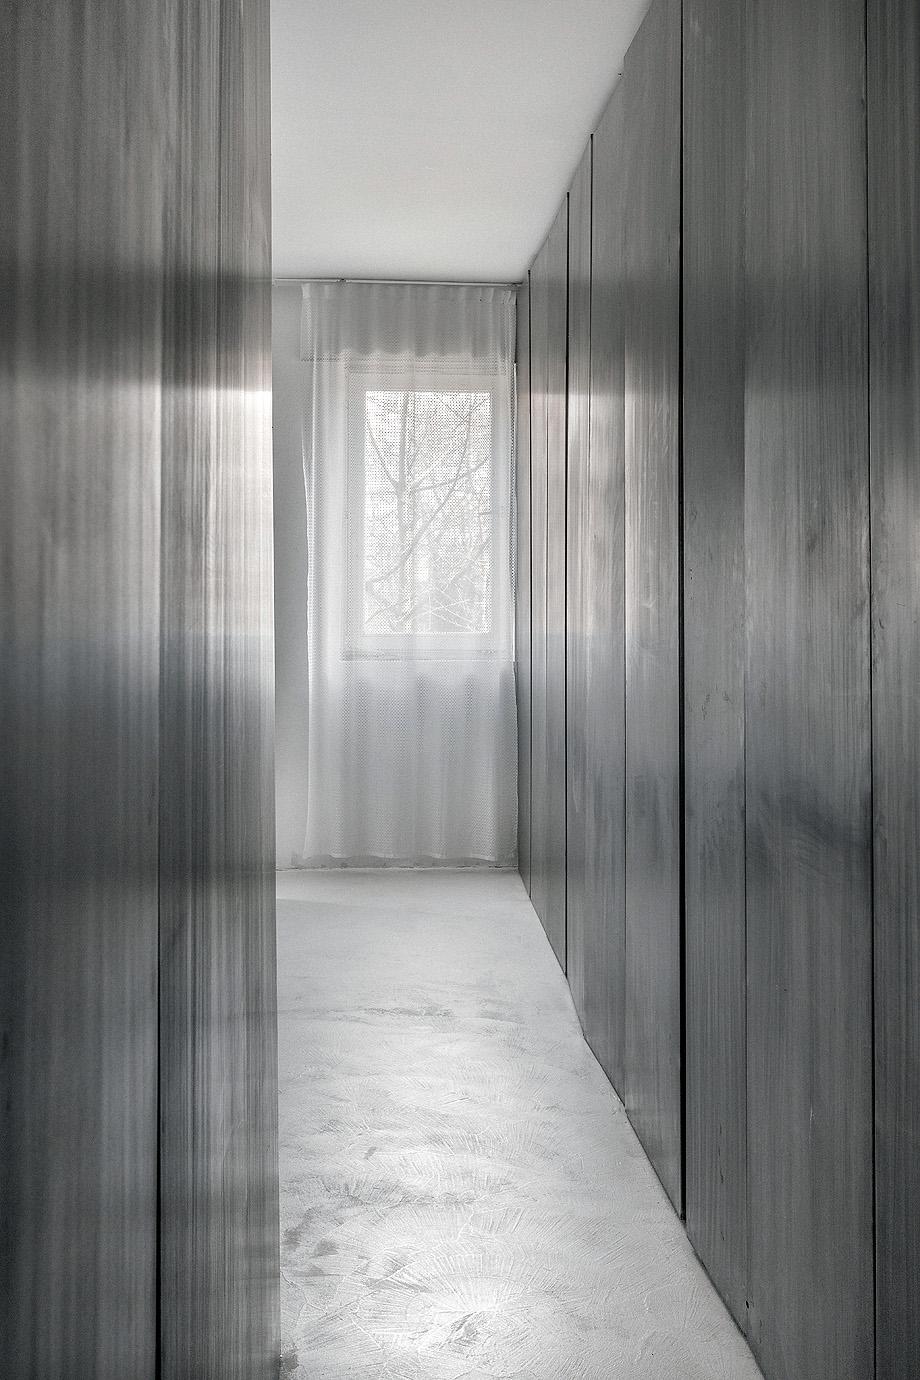 apartamento zero de mas epiteszek - david kis (22)